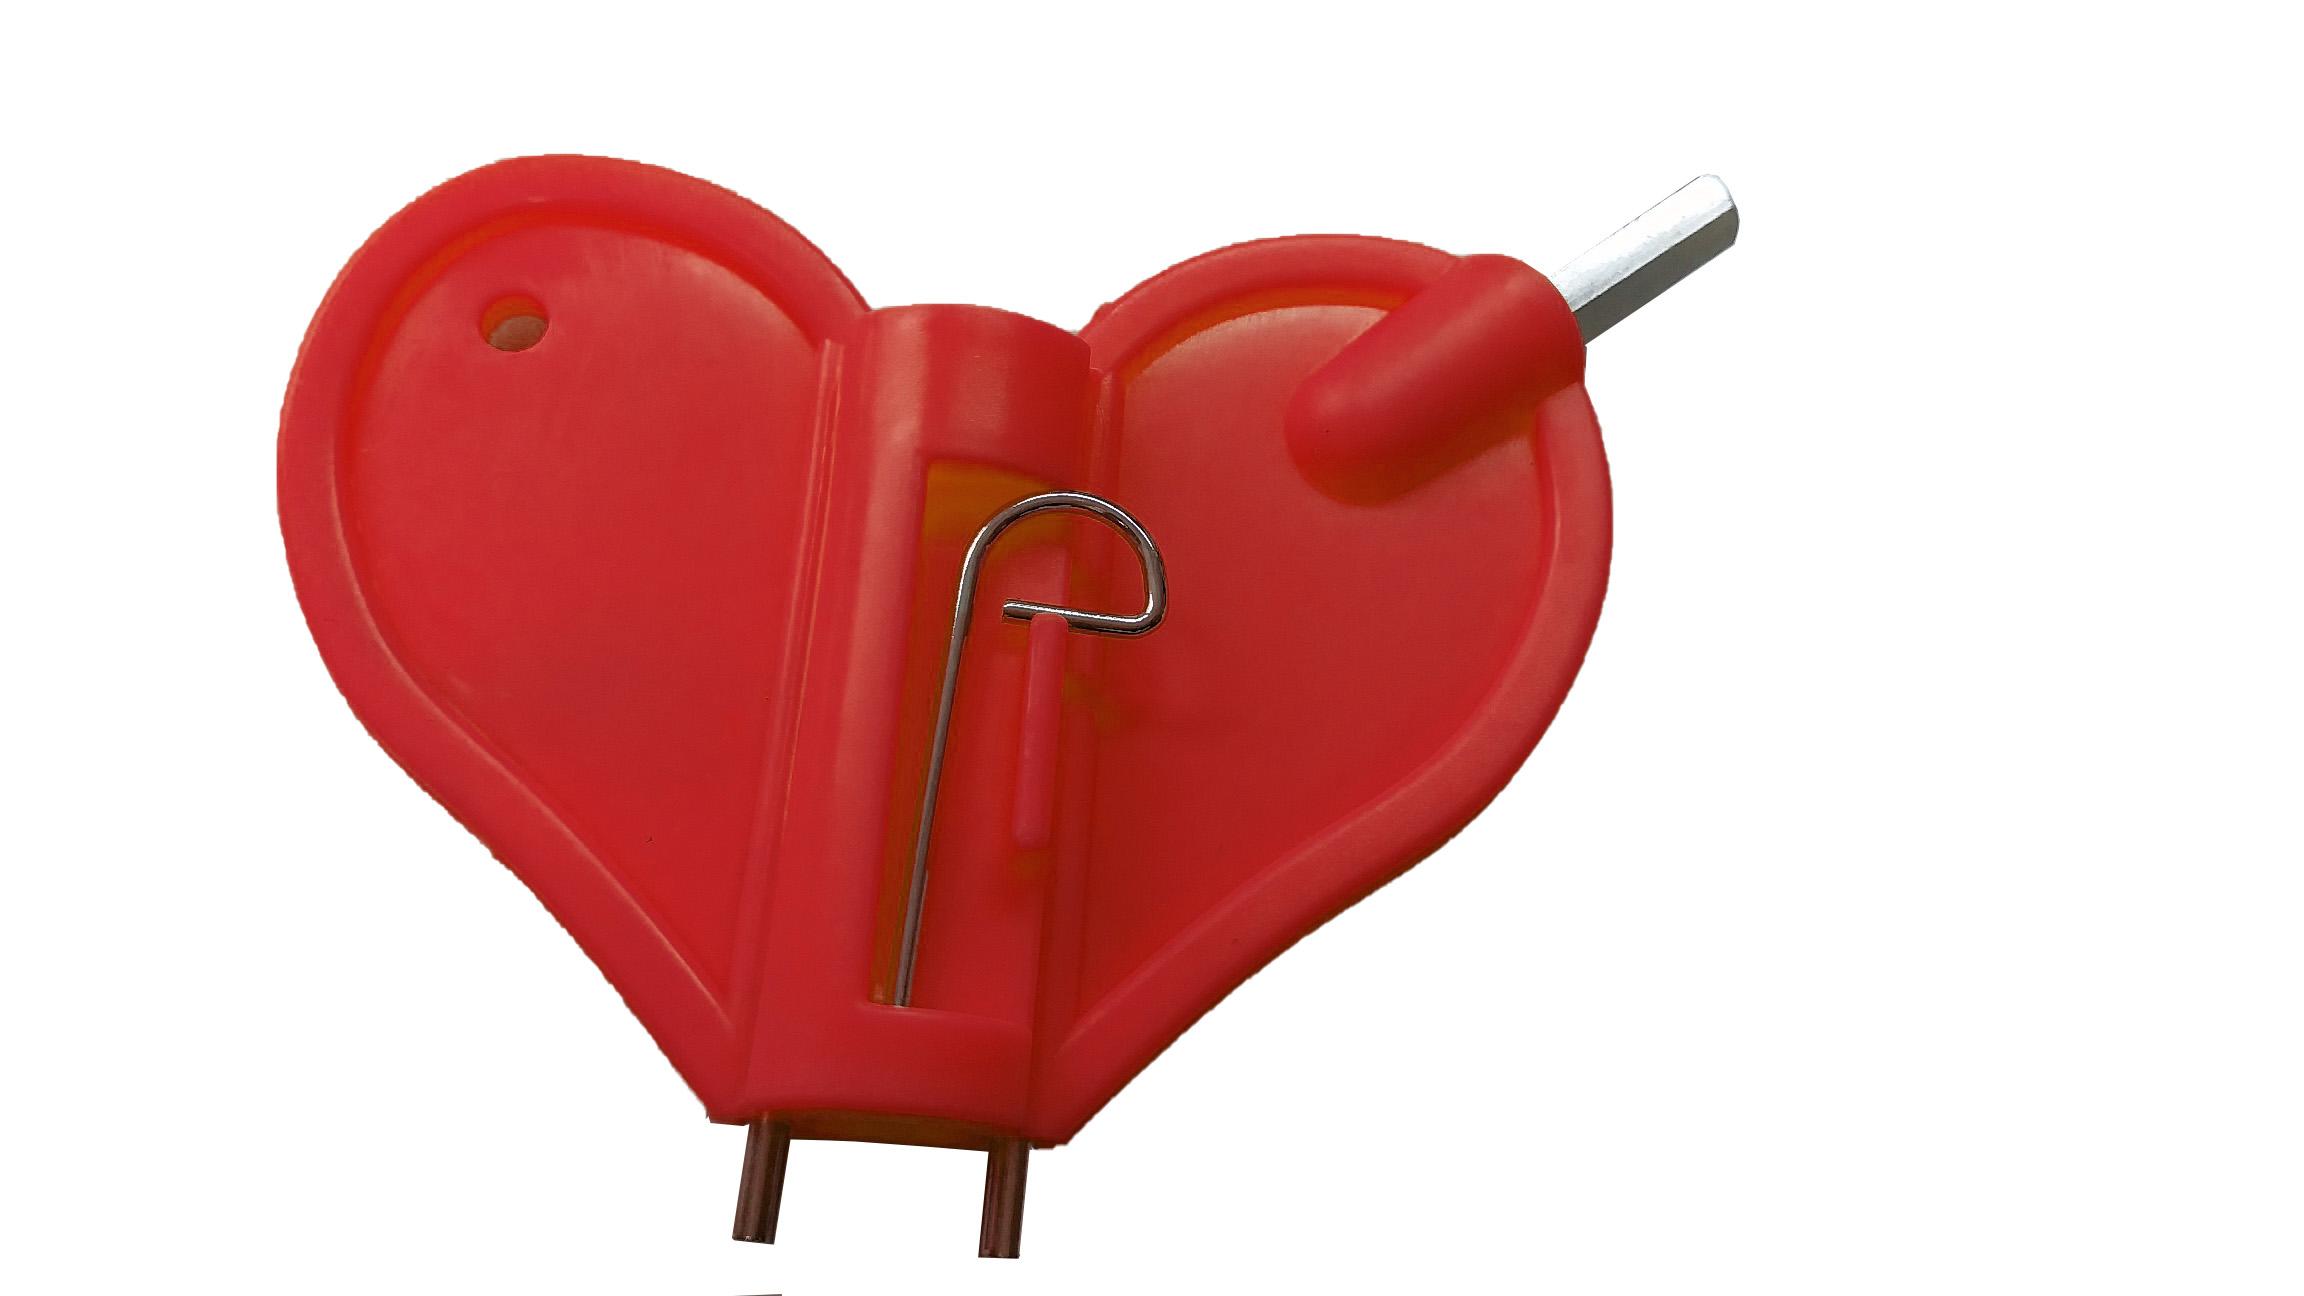 Schake Ersatz-Schlüssel für Baustellen-Warnleuchten